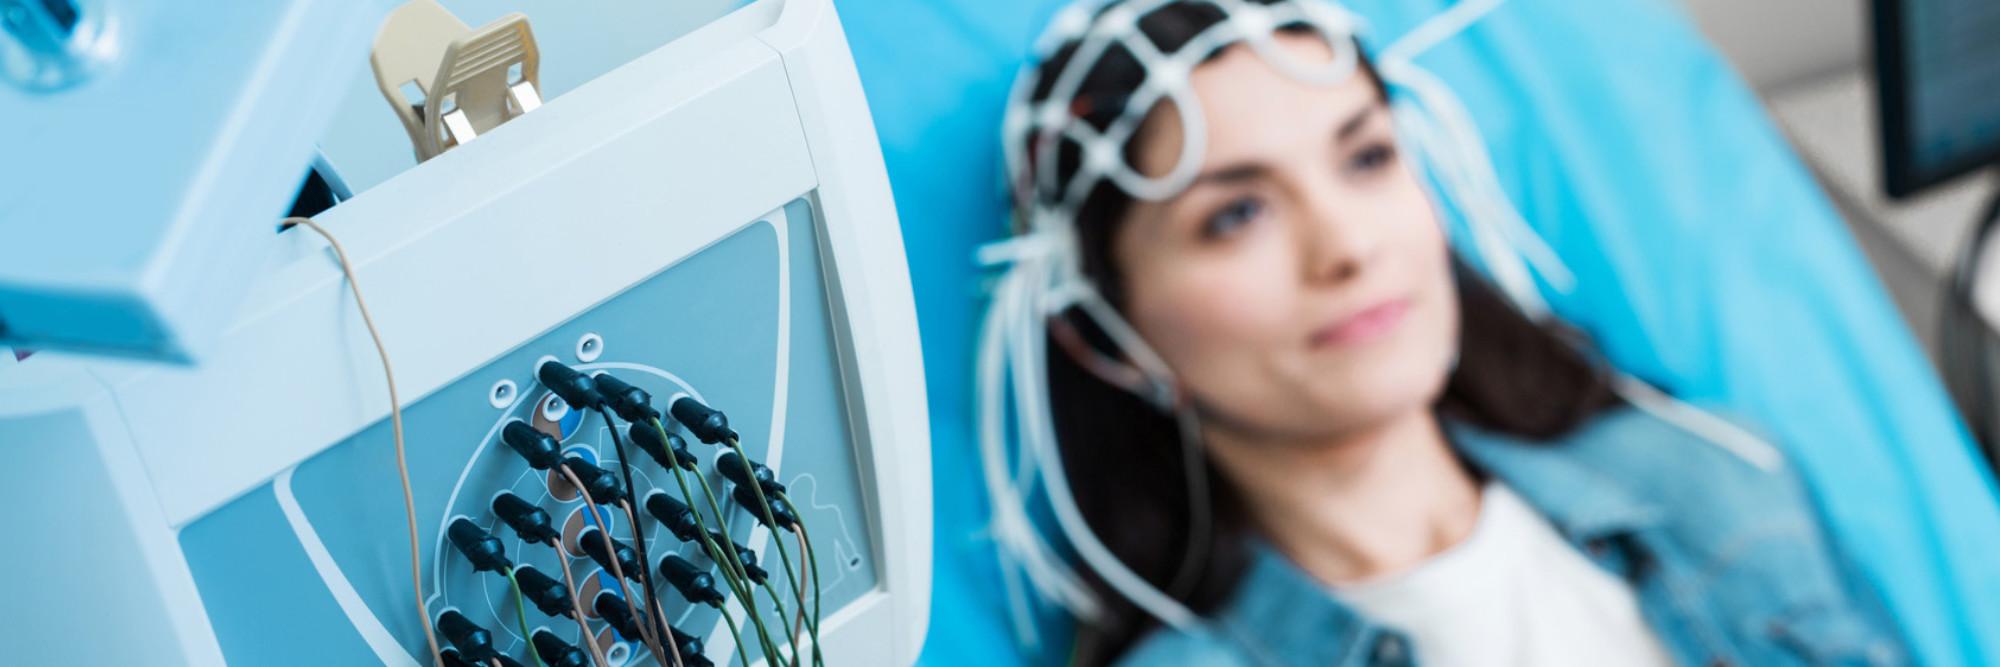 Eine Patientin bei einer EEG-Untersuchung, die elektrische Aktivitäten des Gehirns misst.